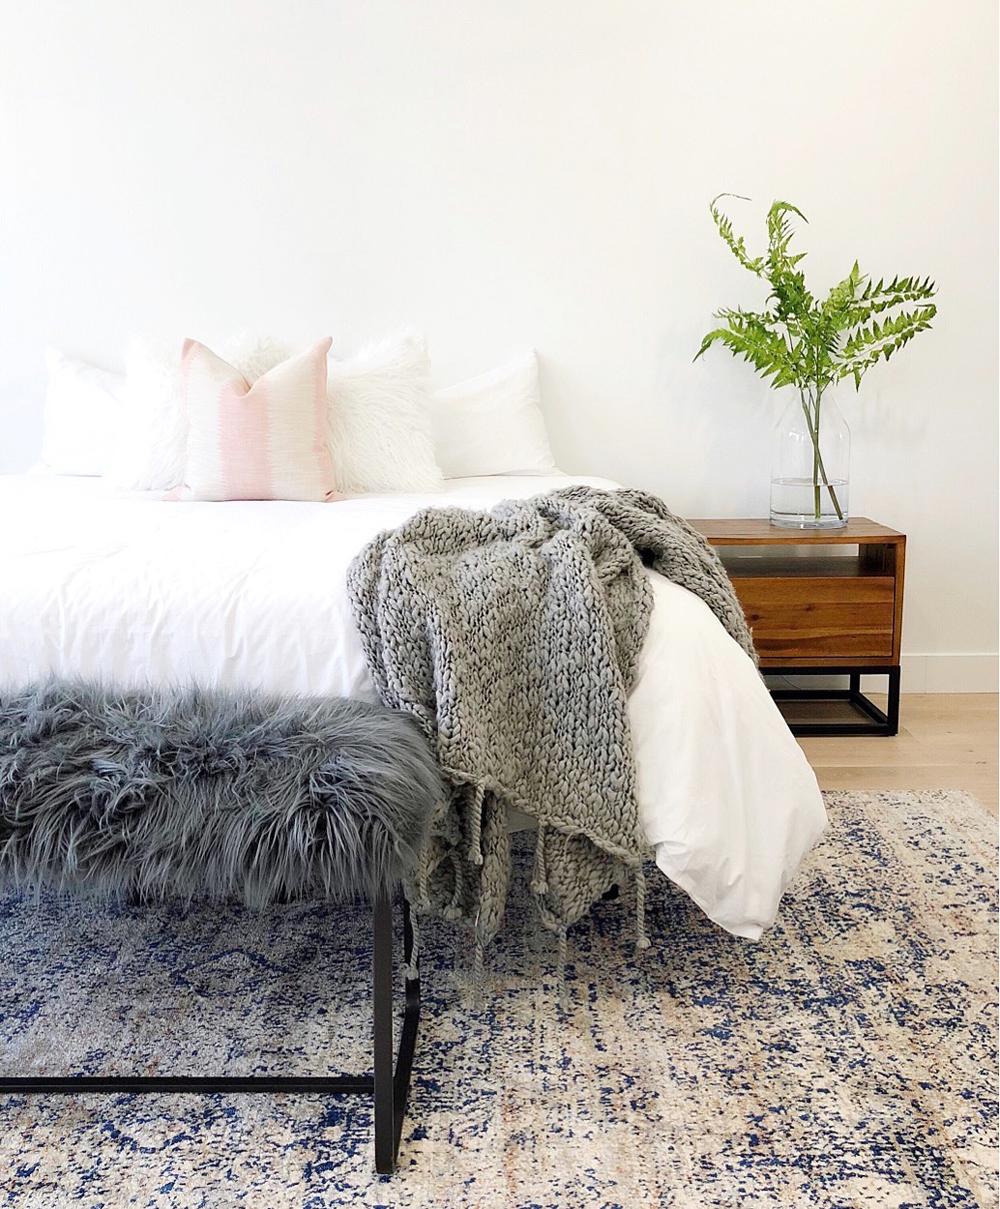 kailee wright weekly update, master bedroom